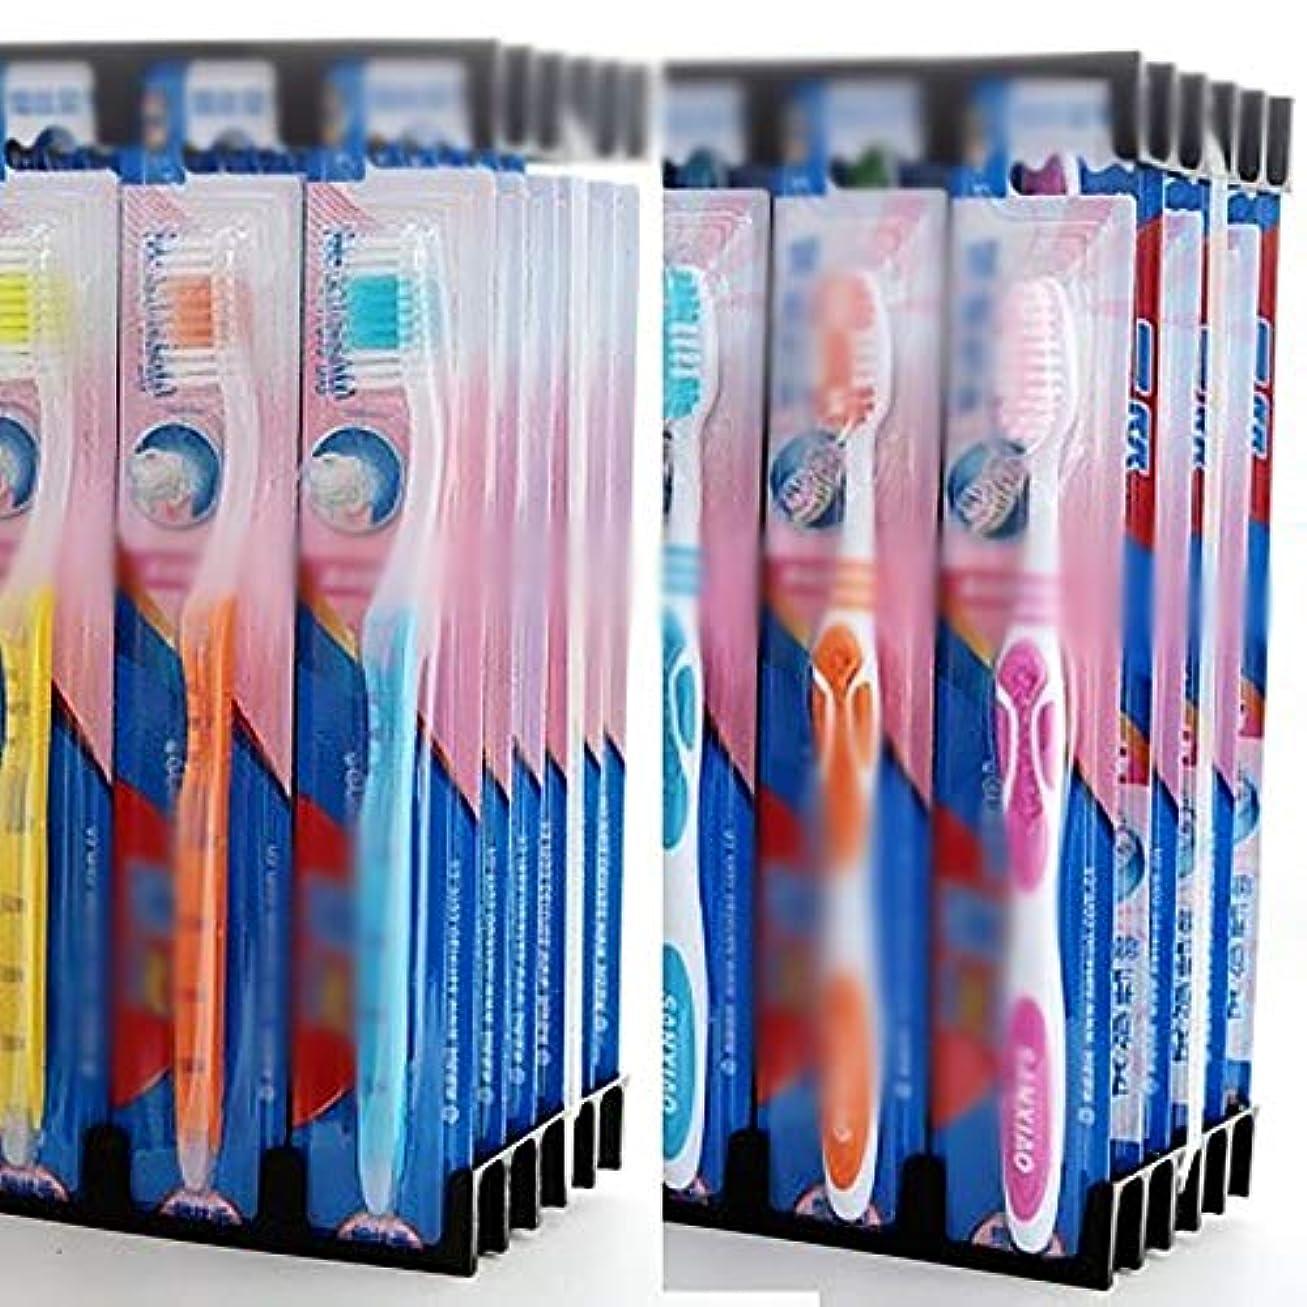 ピストンスプリットクリップ蝶歯ブラシ 30本のバルク歯ブラシ、ソフト毛歯ブラシ、歯科衛生の深いクリーニング - 使用可能なスタイルの3種類 KHL (色 : B, サイズ : 30 packs)